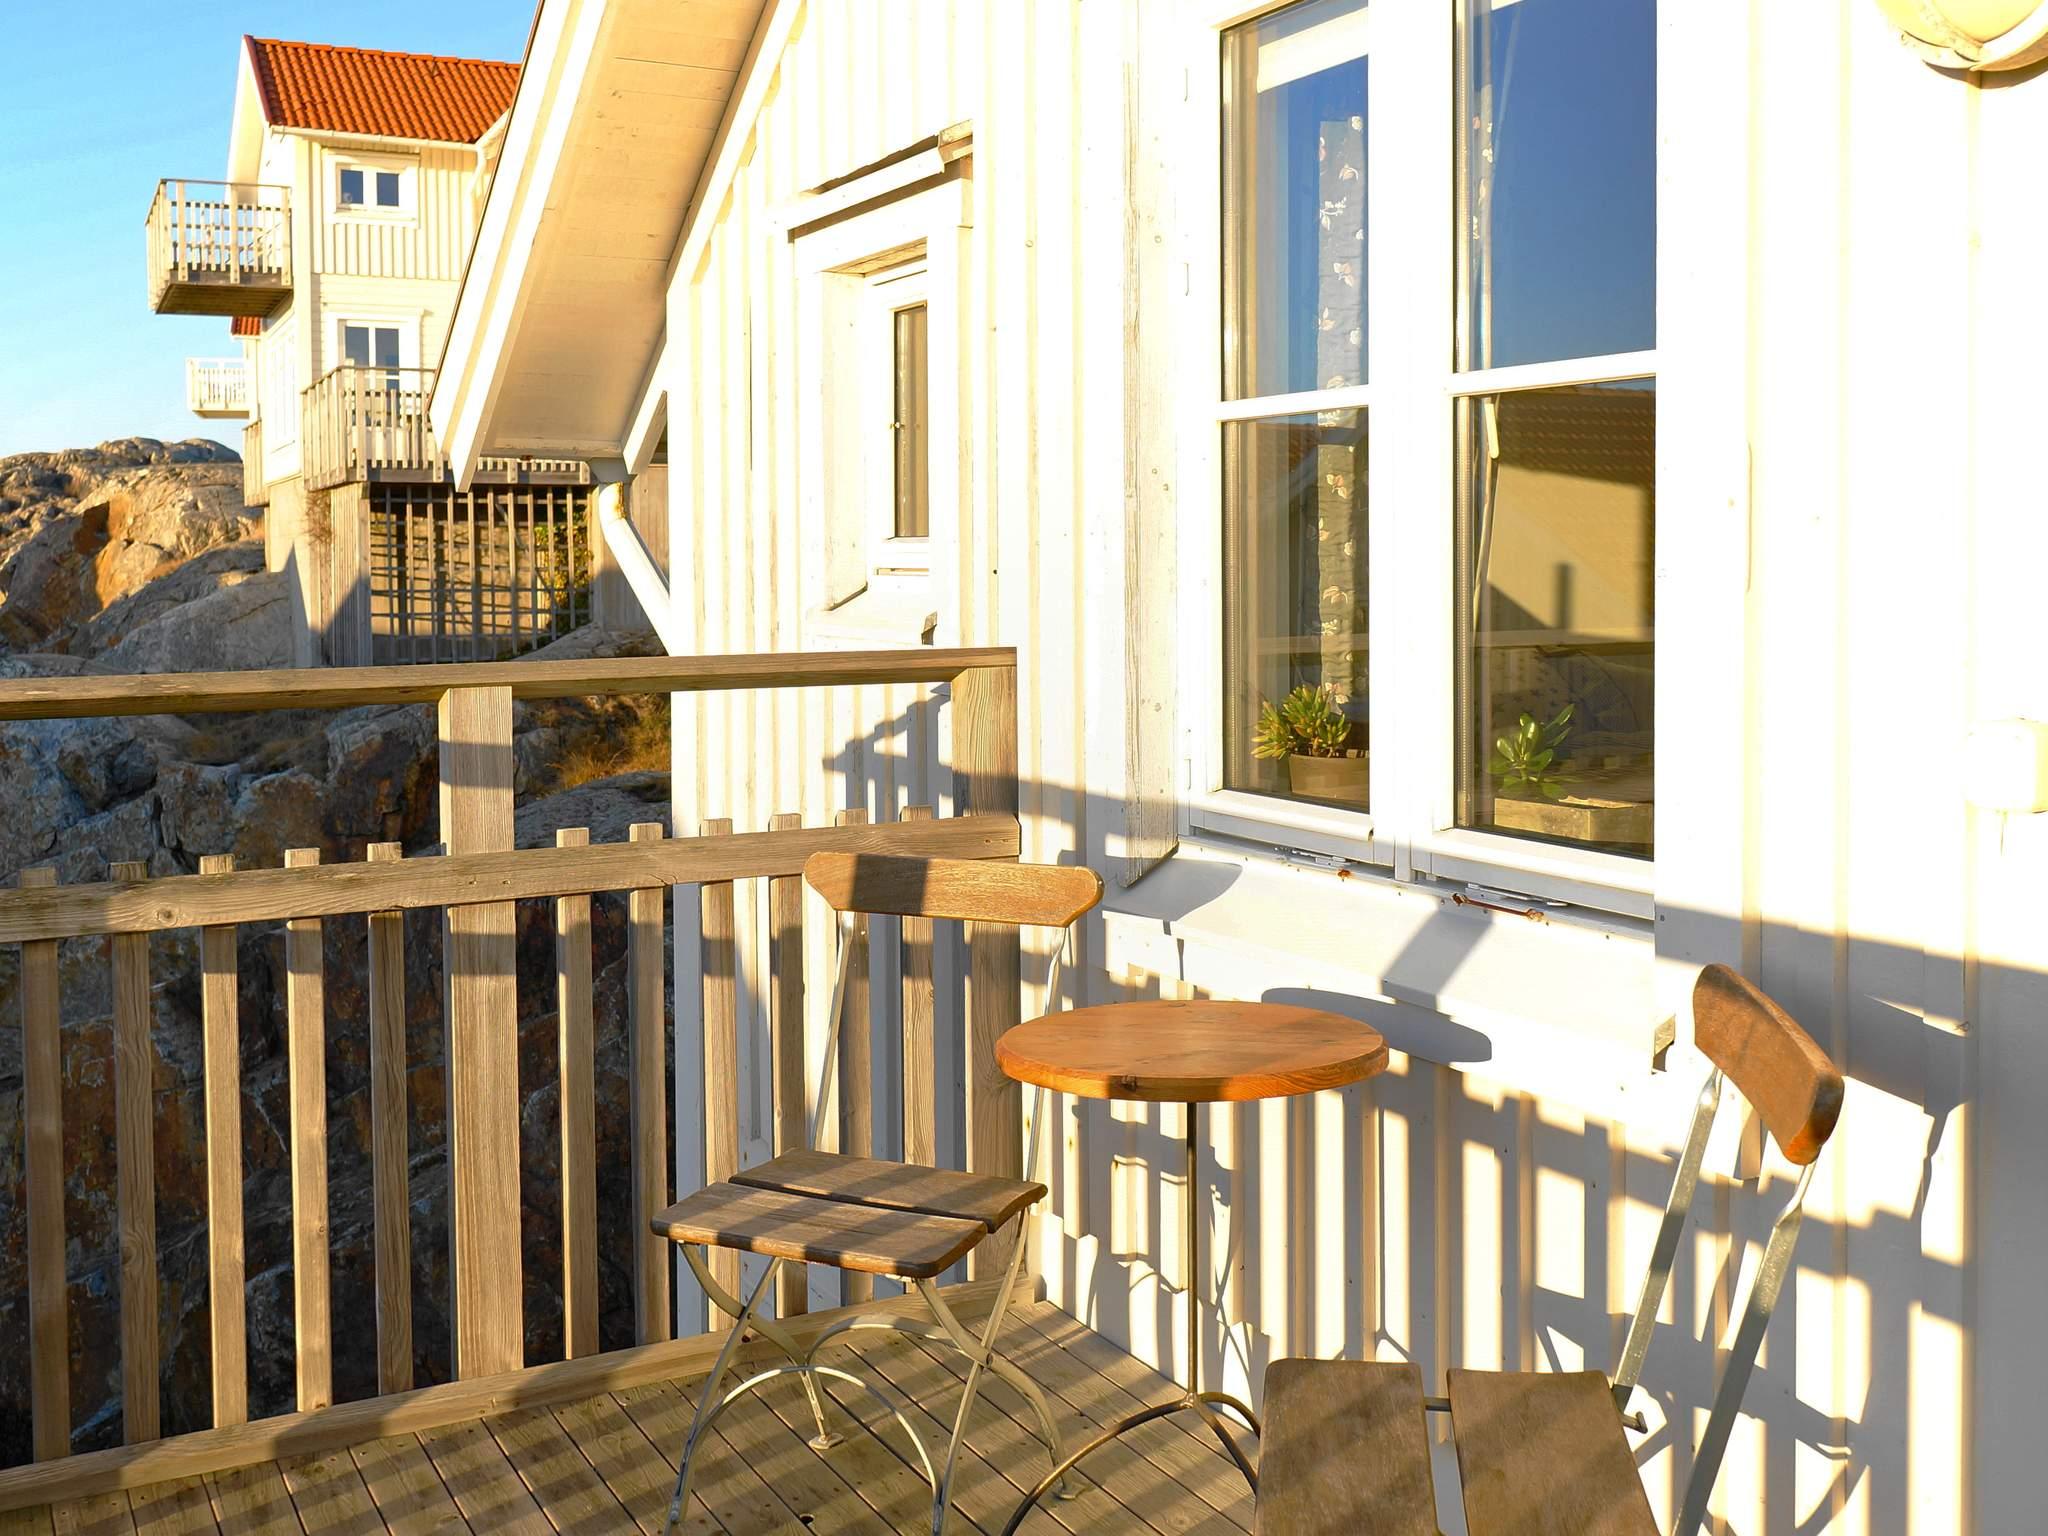 Ferienhaus Tjörn/Skärhamn (1862883), Skärhamn, Tjörn, Westschweden, Schweden, Bild 30